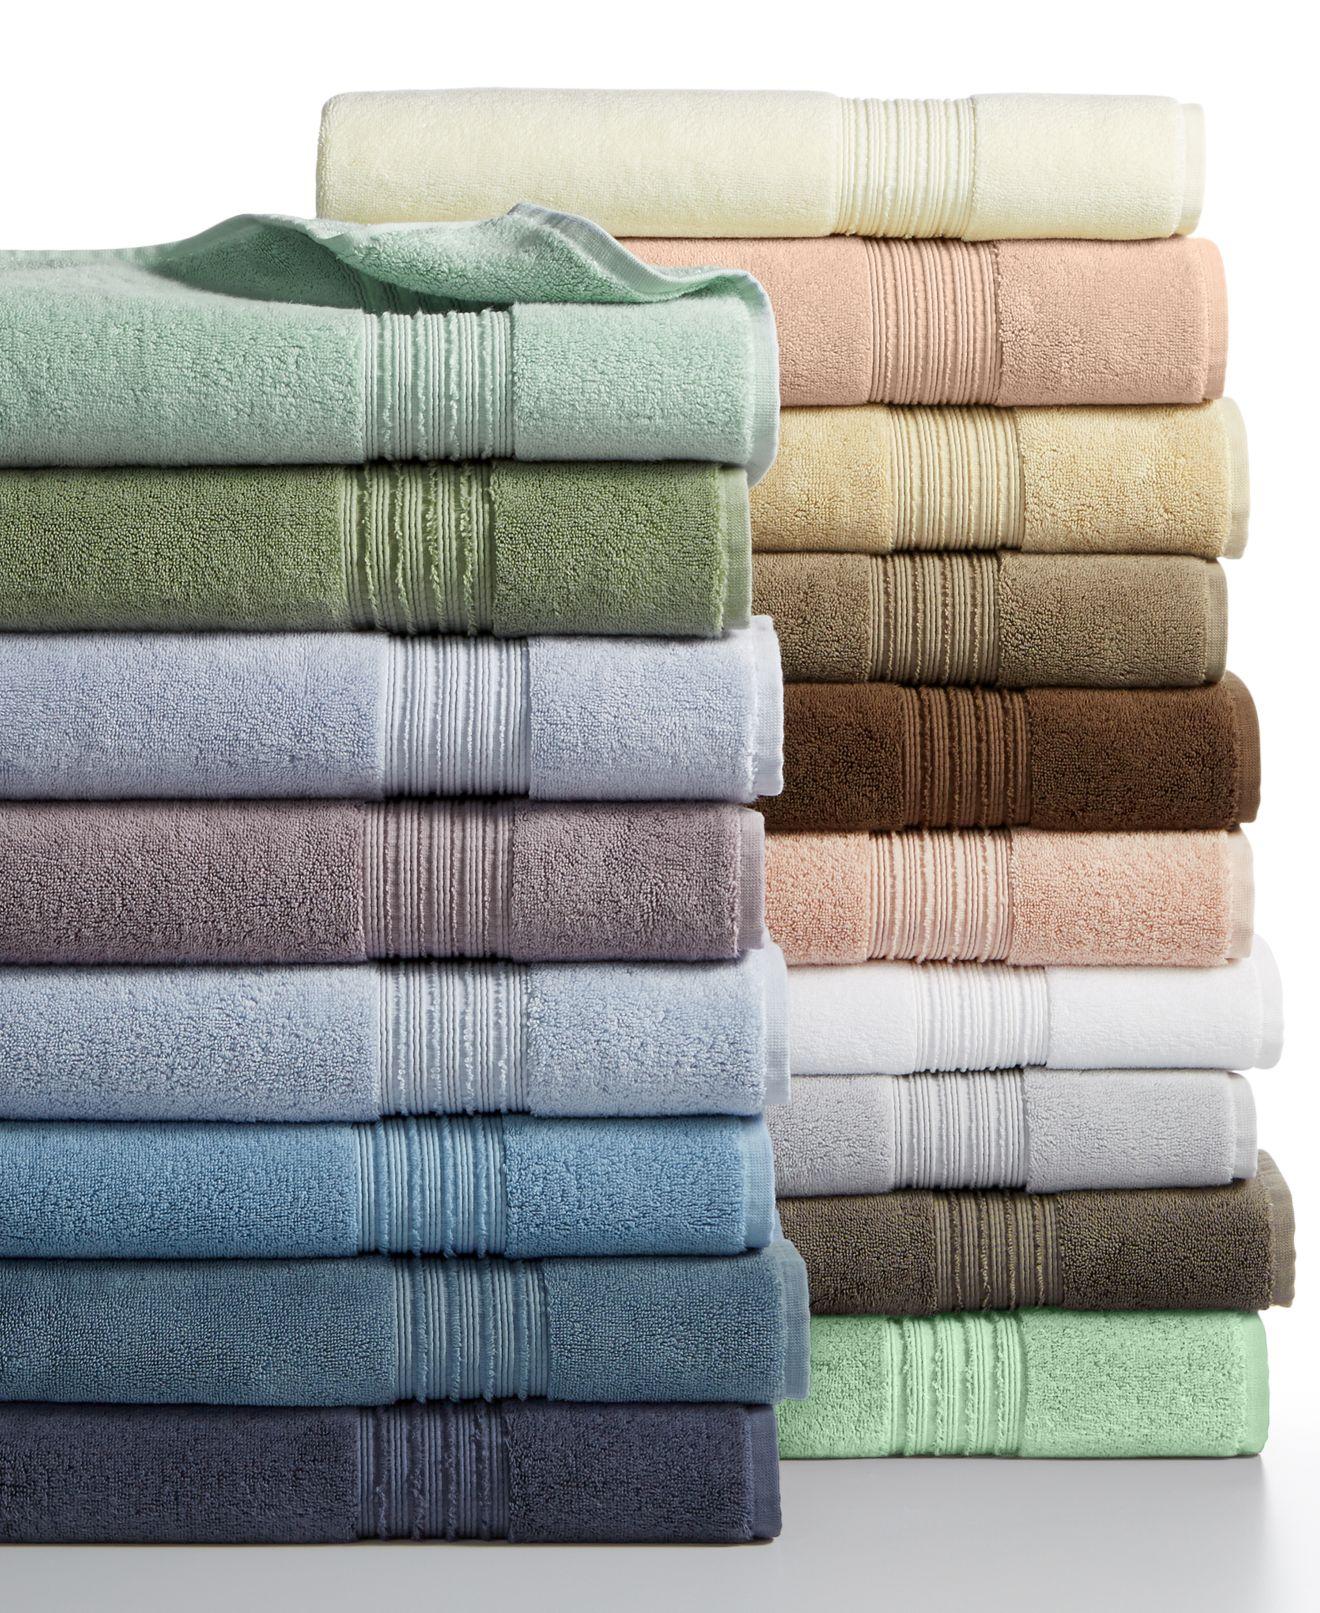 bath towels - macy's